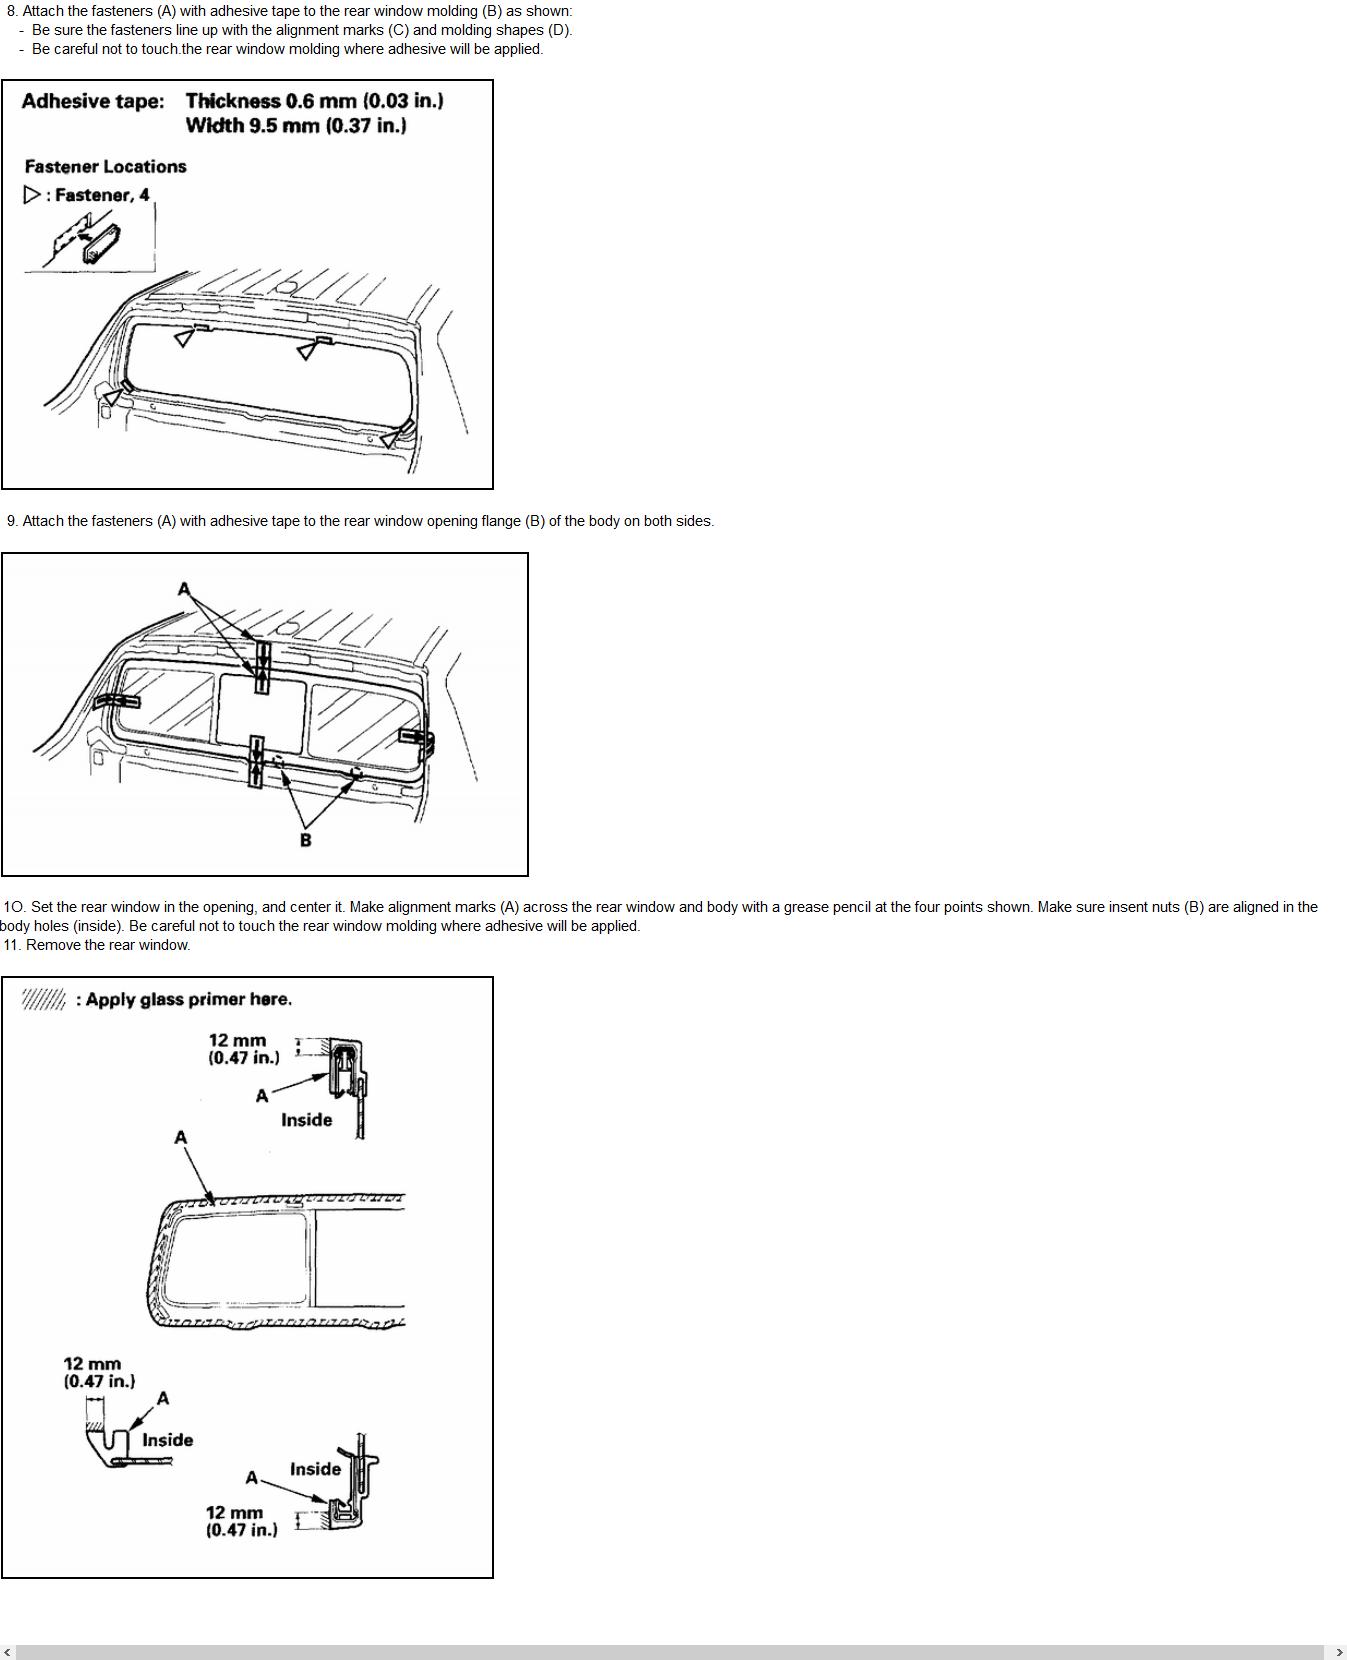 2006 Honda Ridgeline Fuse Box Diagram Image Details